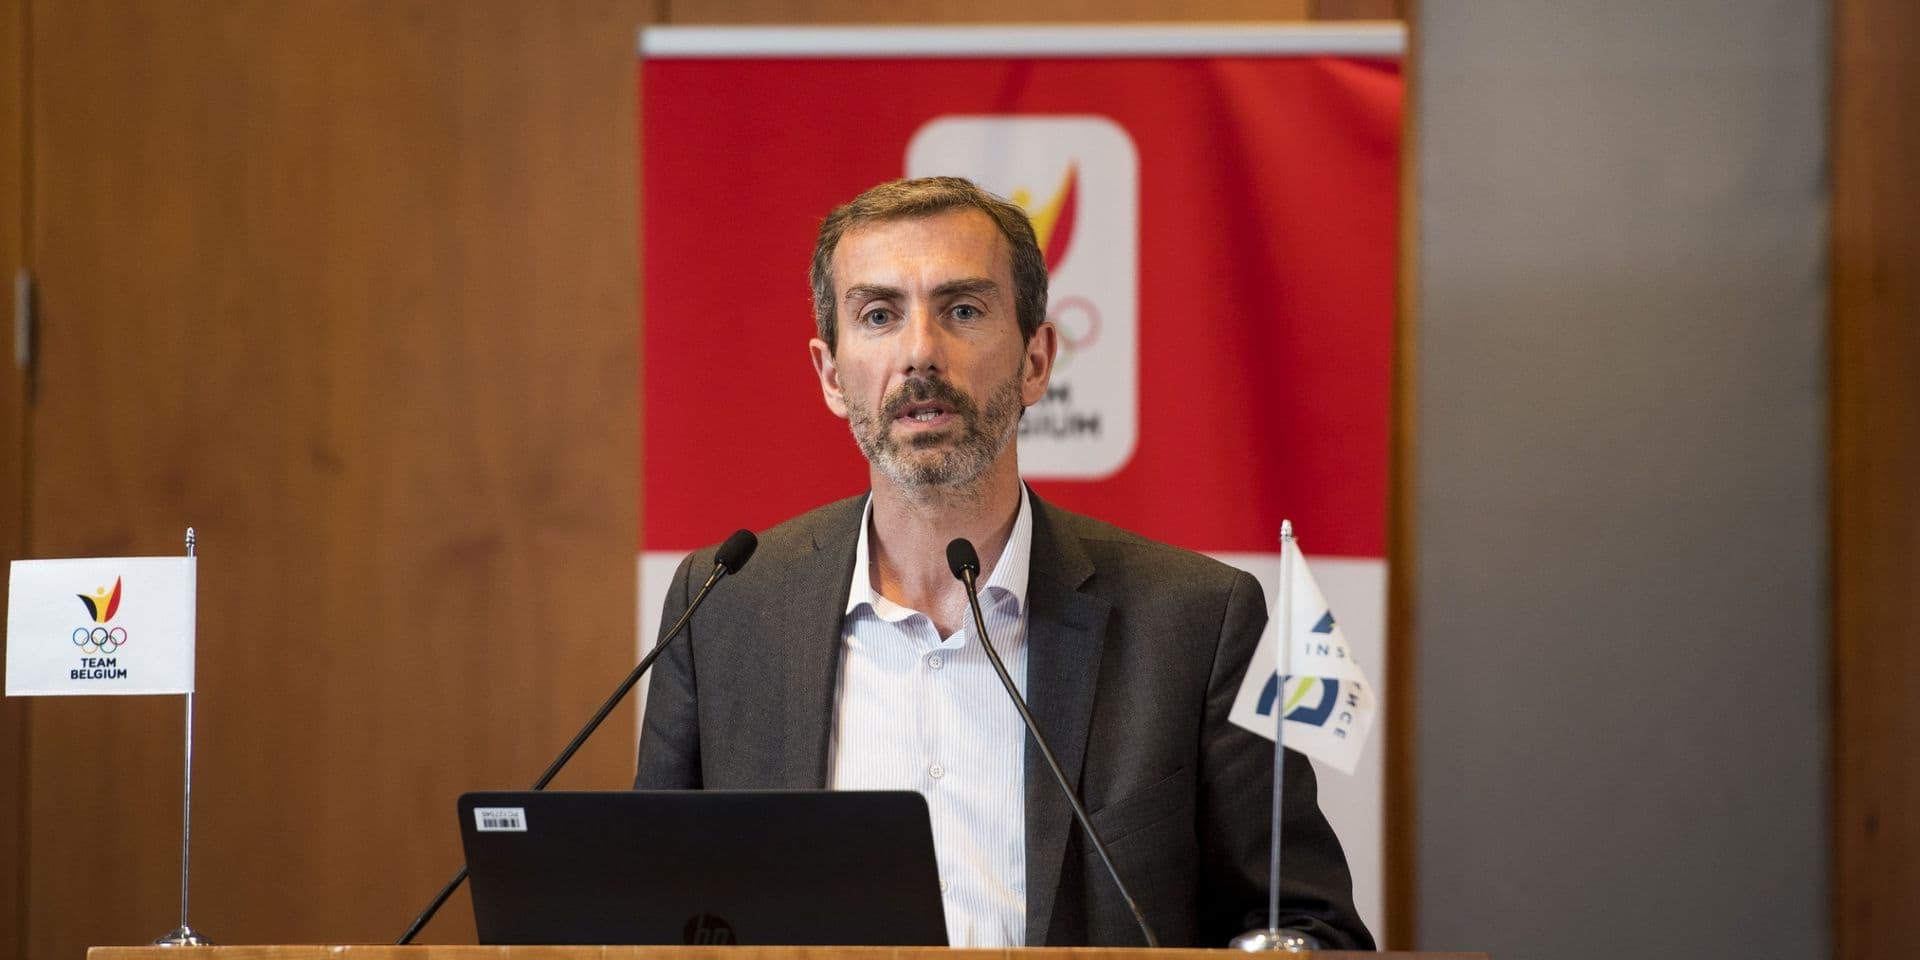 Marc Coudron candidat à la présidence de la fédération internationale de hockey